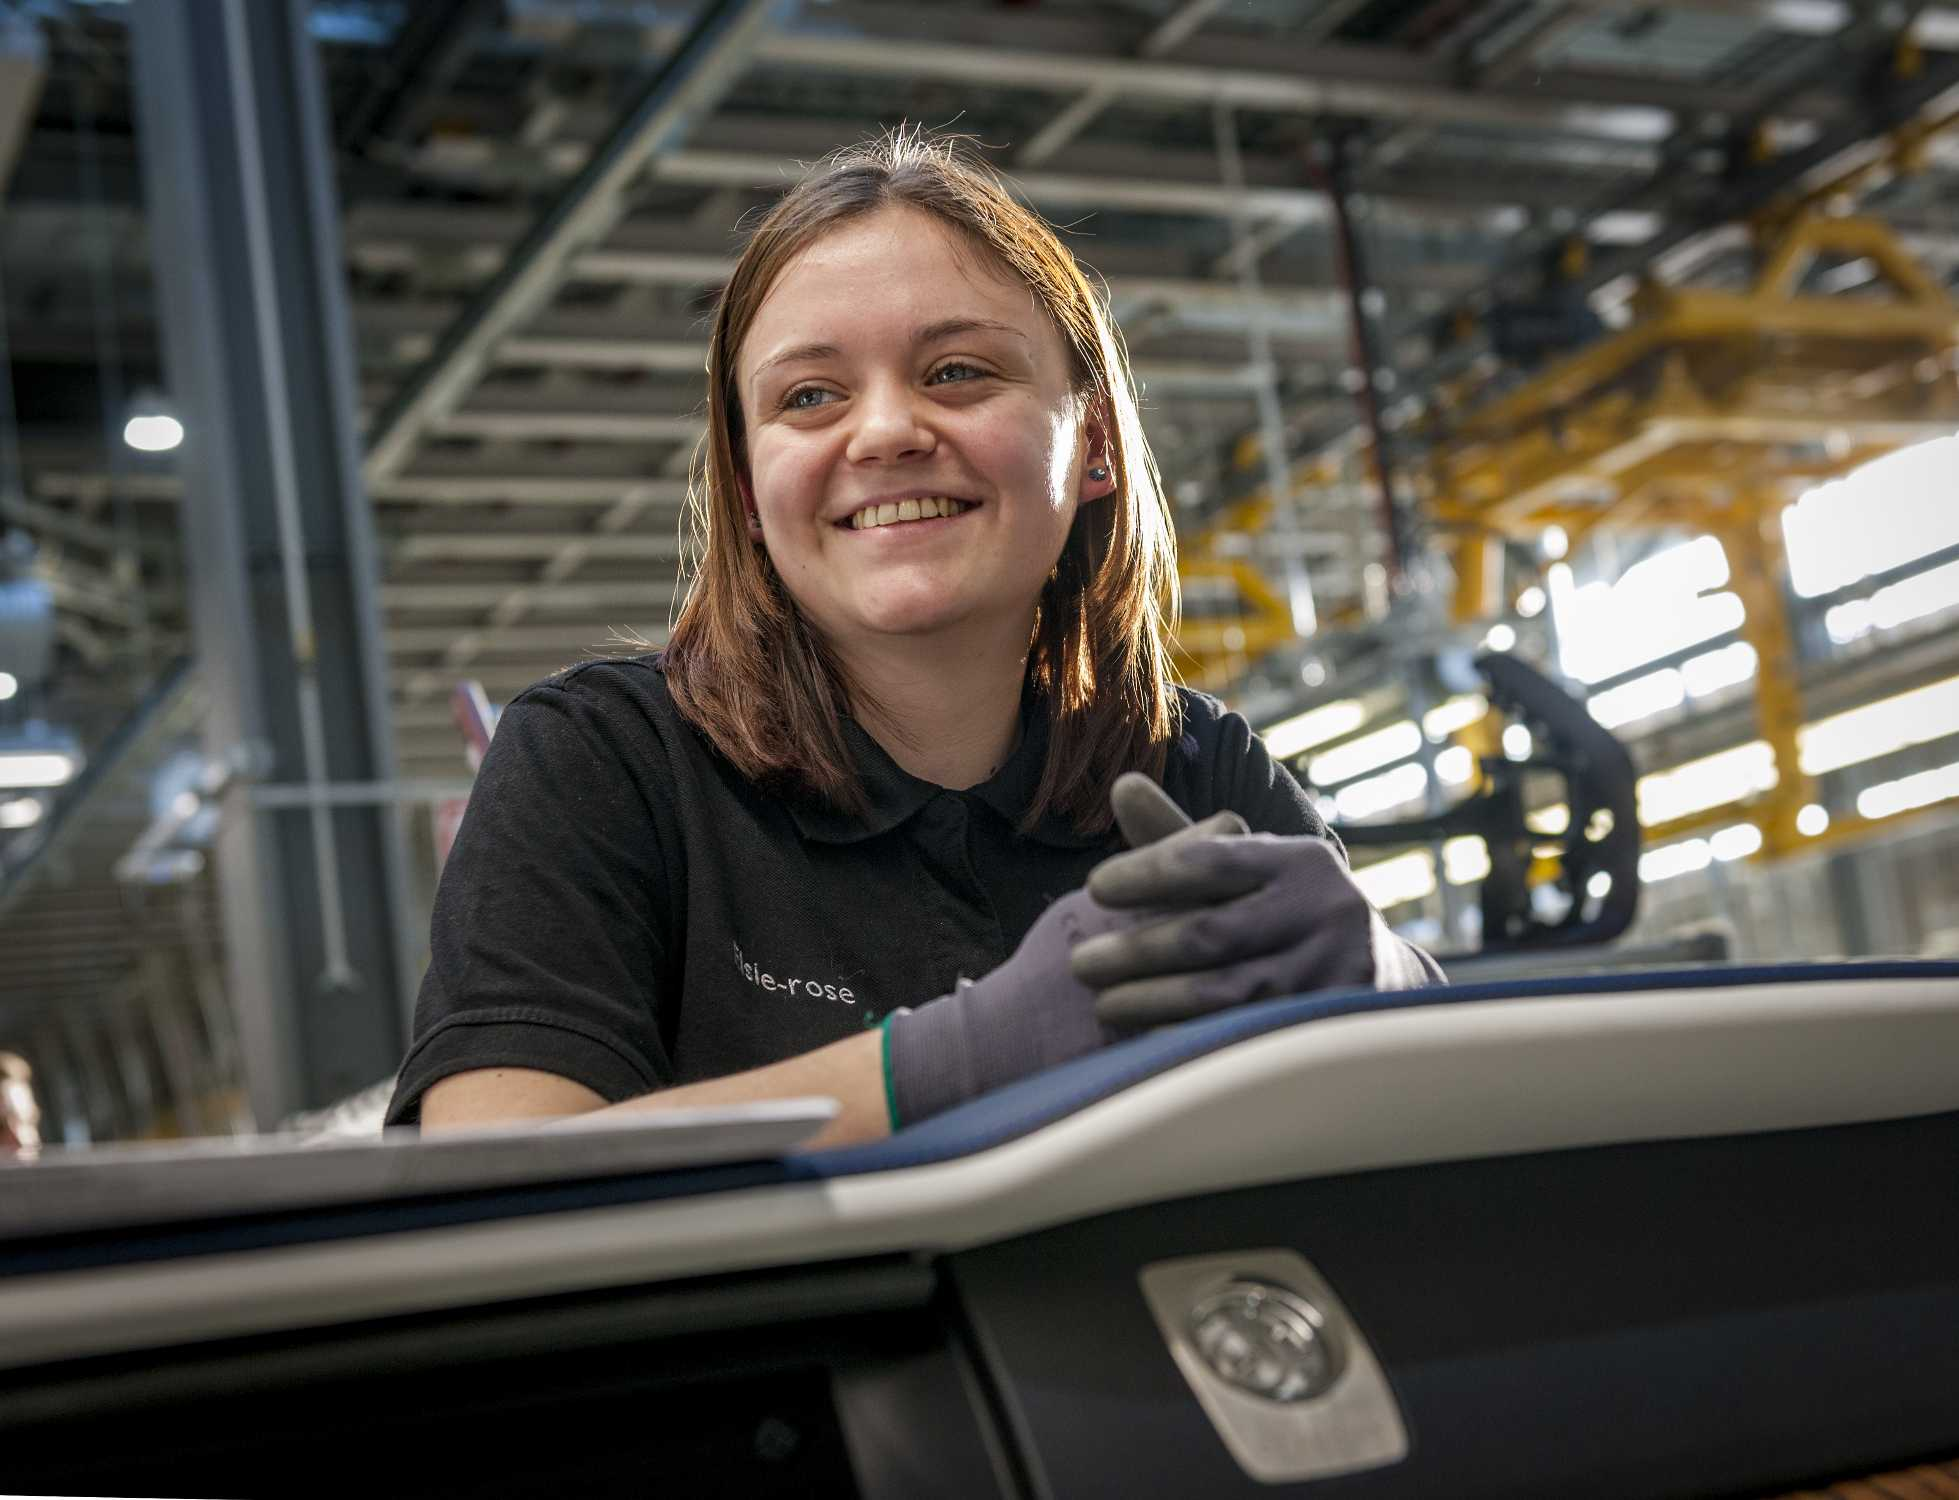 ELSIE-ROSE ROBBINS, ROLLS-ROYCE MOTOR CARS APPRENTICE